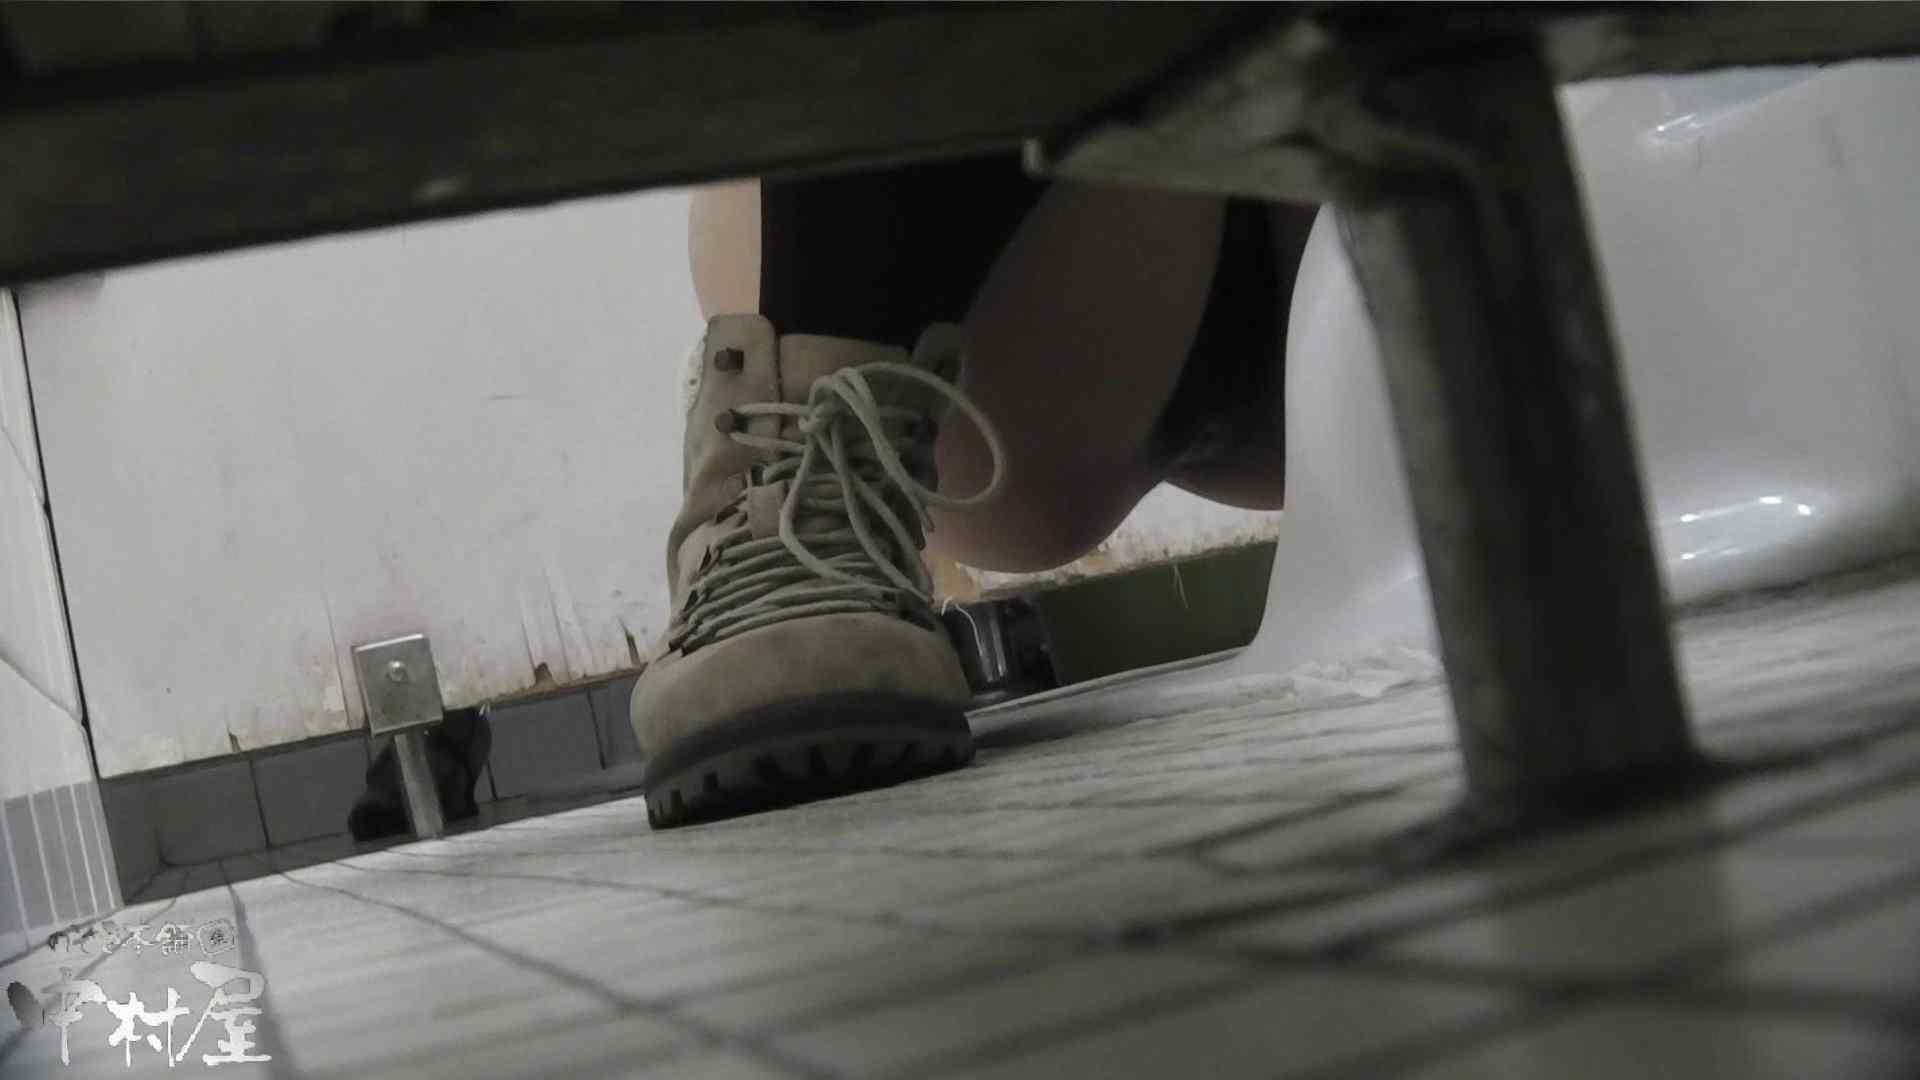 vol.14 命がけ潜伏洗面所! 色白ネーチャンヒクヒク! 潜入 | プライベート  93連発 81